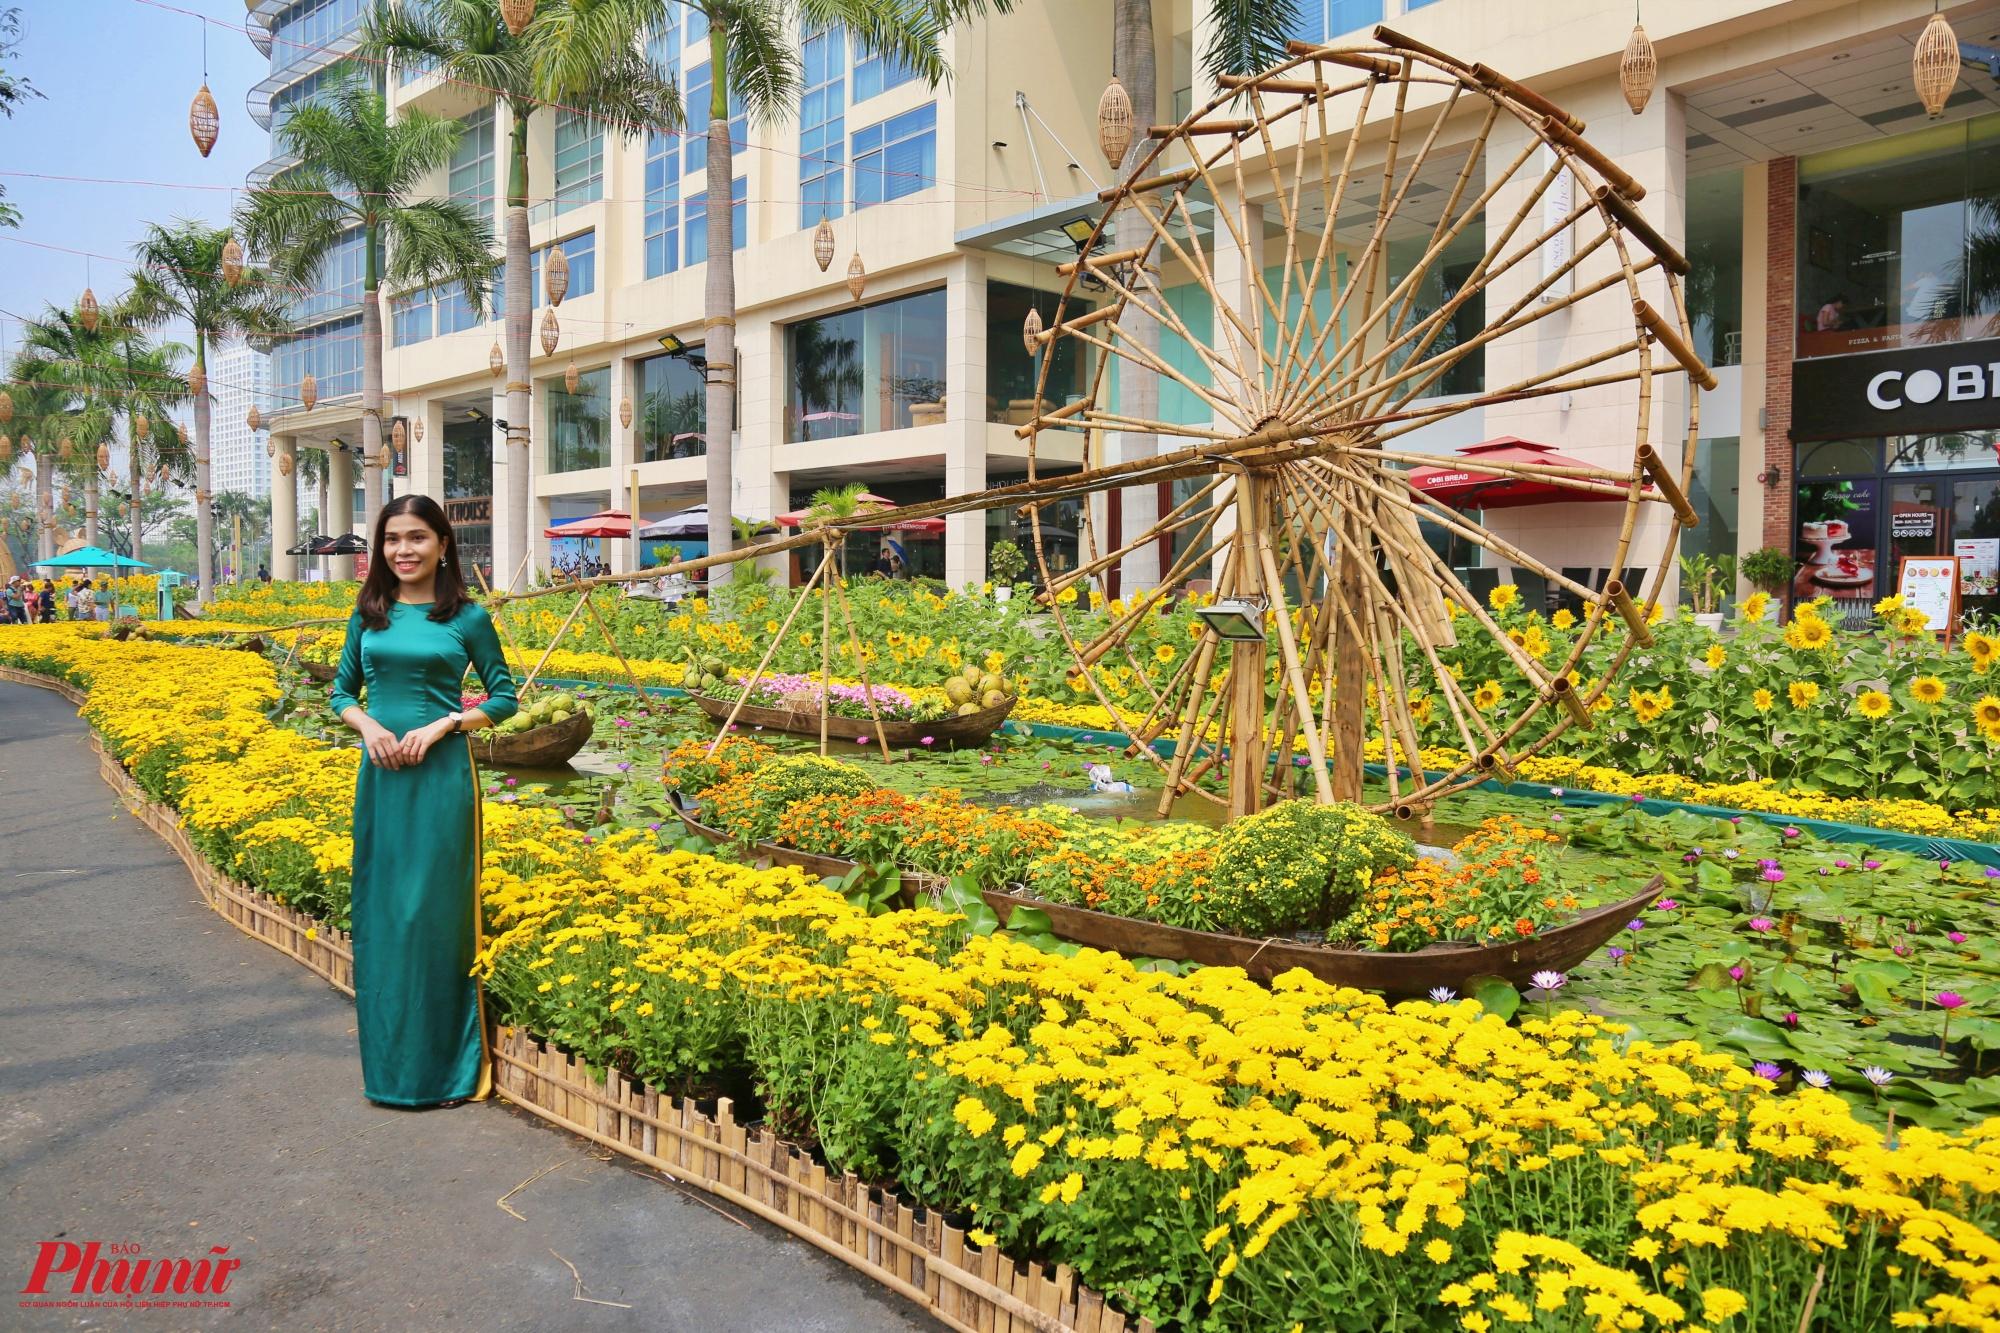 Du khách có thể tham quan đường hoa xuân dài khoảng 700m trên tuyến đường Tôn Dật Tiên uốn quanh hồ Bán Nguyệt. Chủ thể chính được trưng bày trong hội hoa xuân Phú Mỹ Hưng năm nay là hoa và lộc.